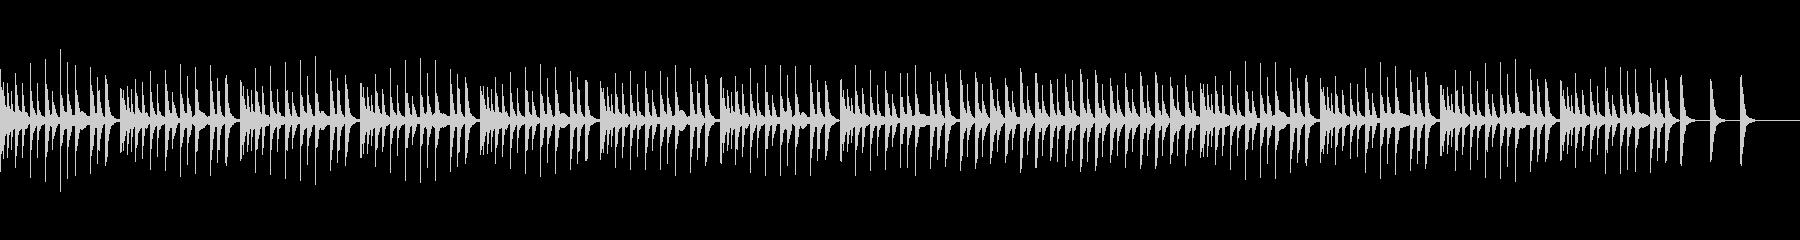 ほのぼのコミカルなピアノメロディの未再生の波形